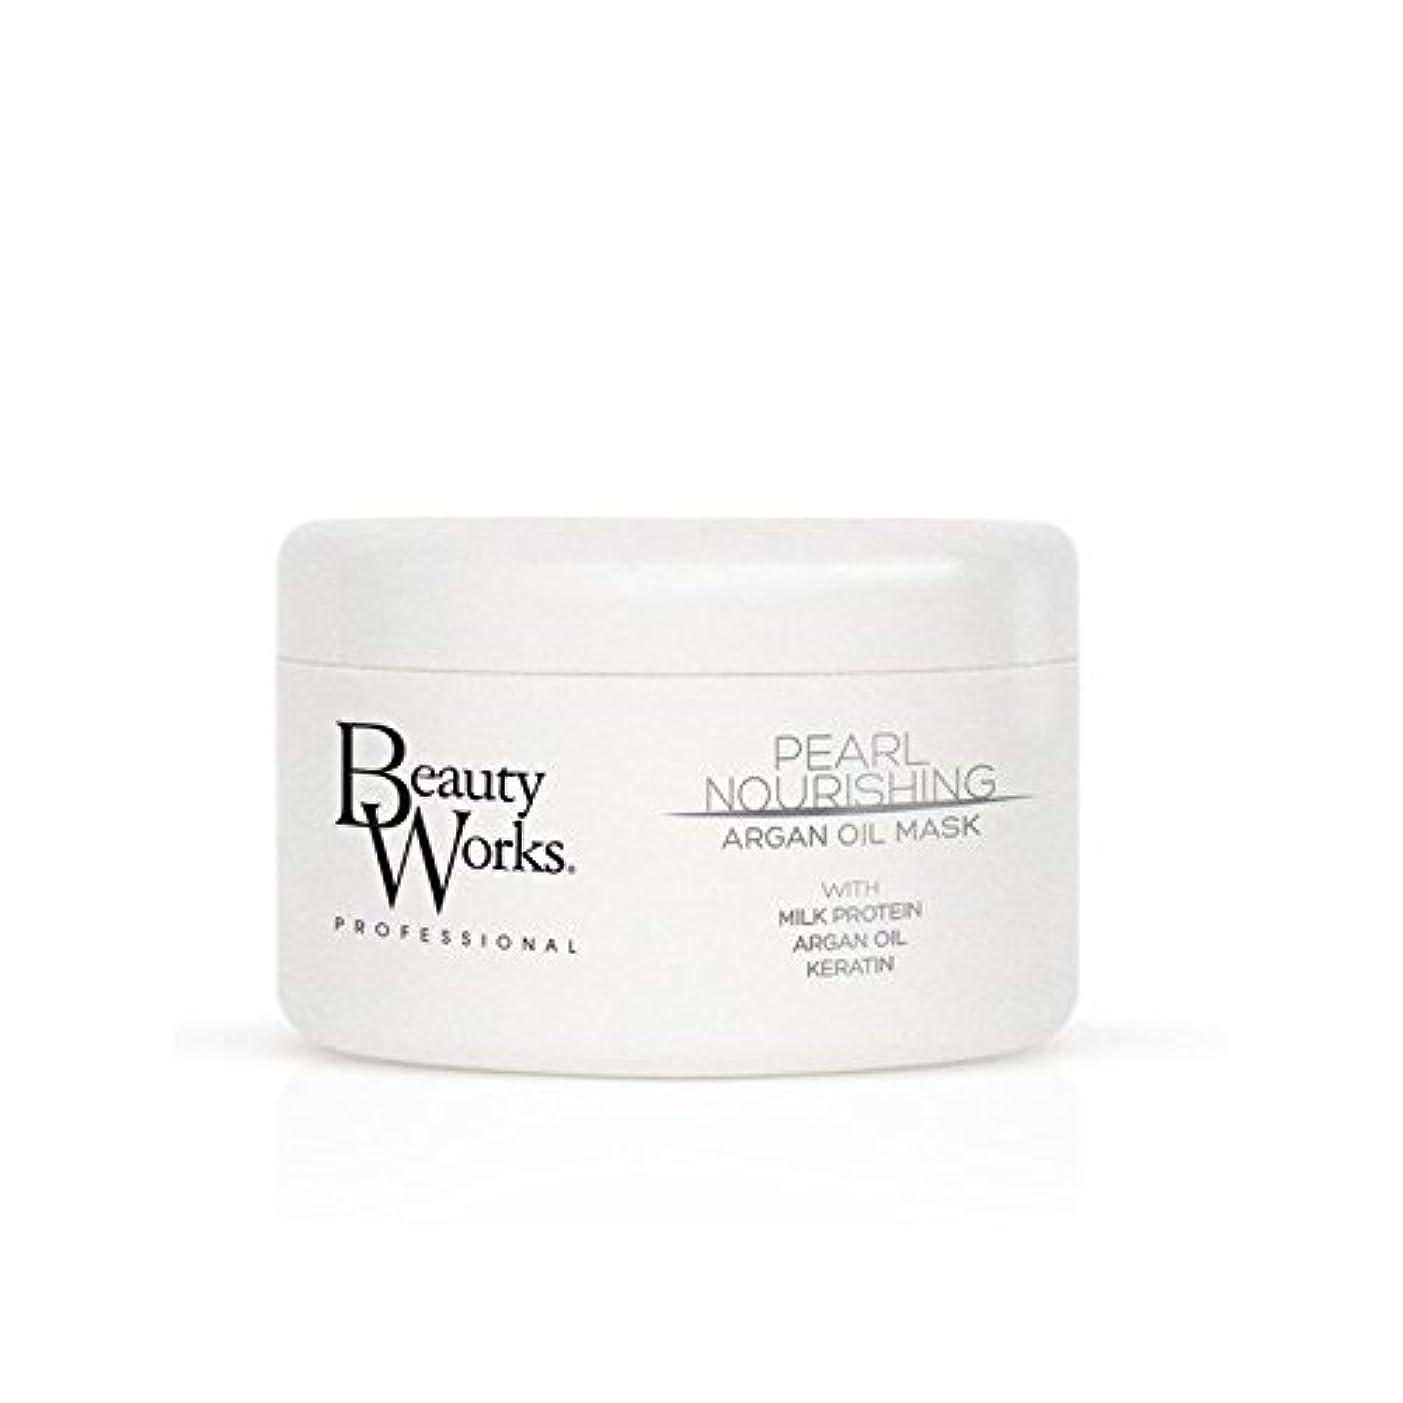 マーカー資本主義解釈的美し作品真珠栄養アルガンオイルマスク x4 - Beauty Works Pearl Nourishing Argan Oil Mask (Pack of 4) [並行輸入品]